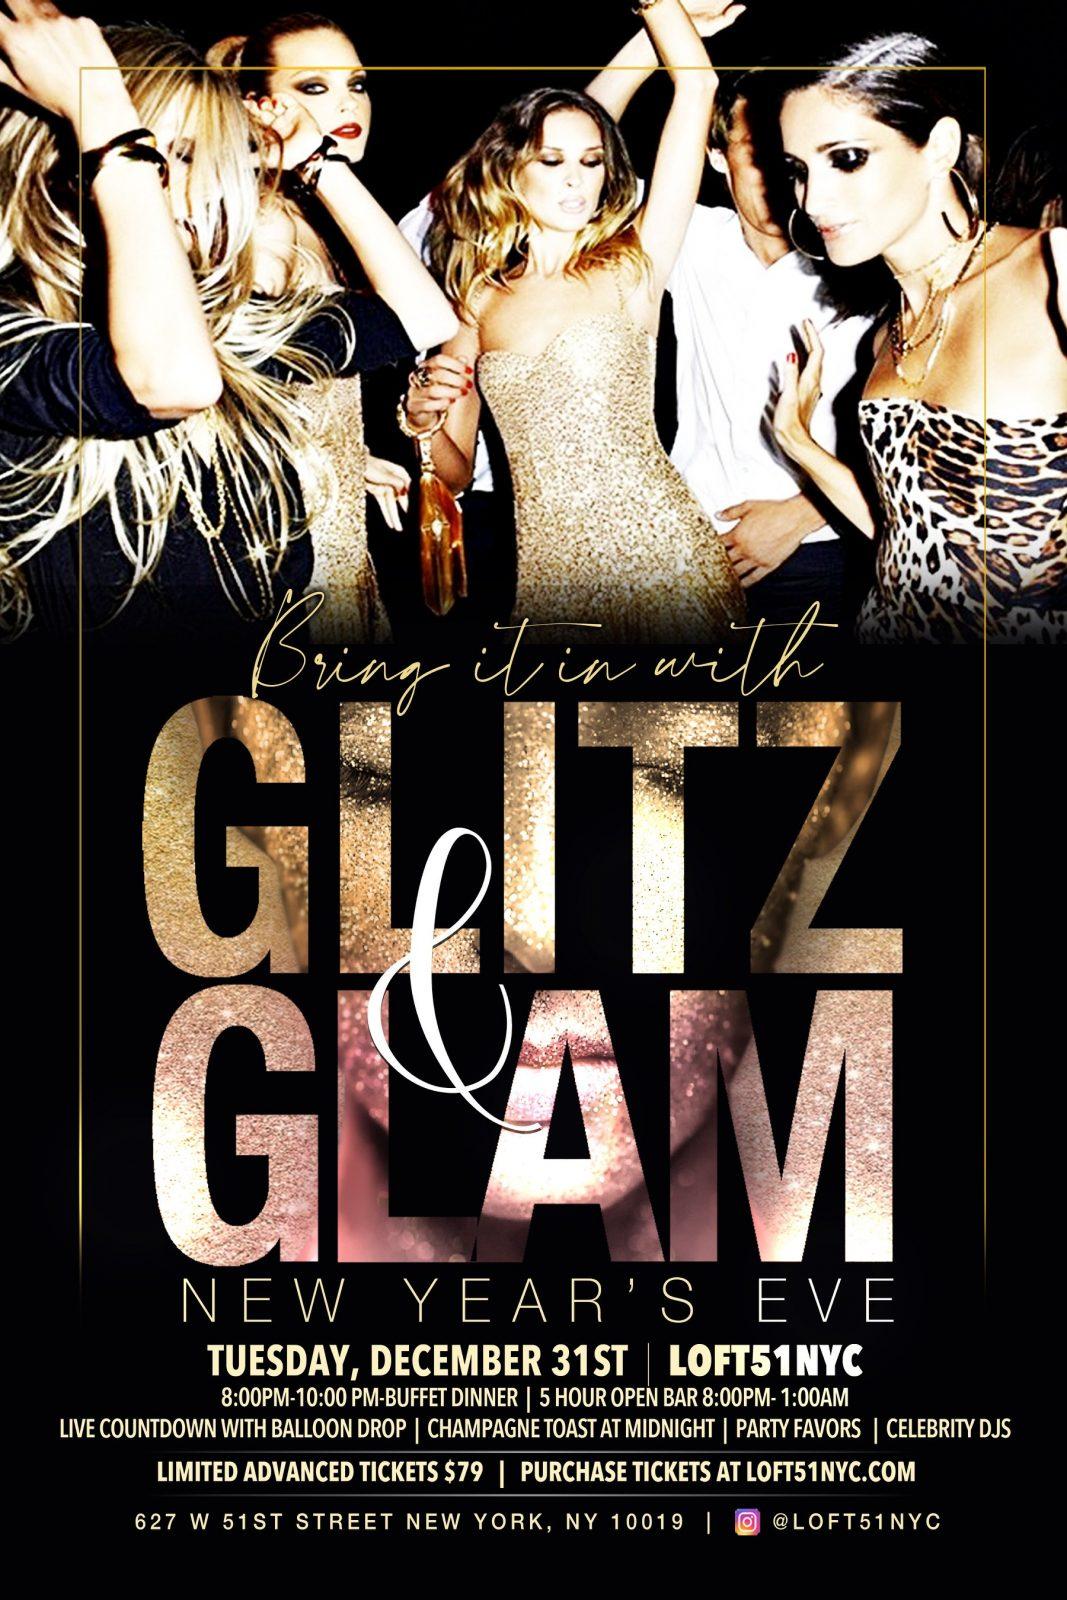 GLITZ & GLAM NYE 2020